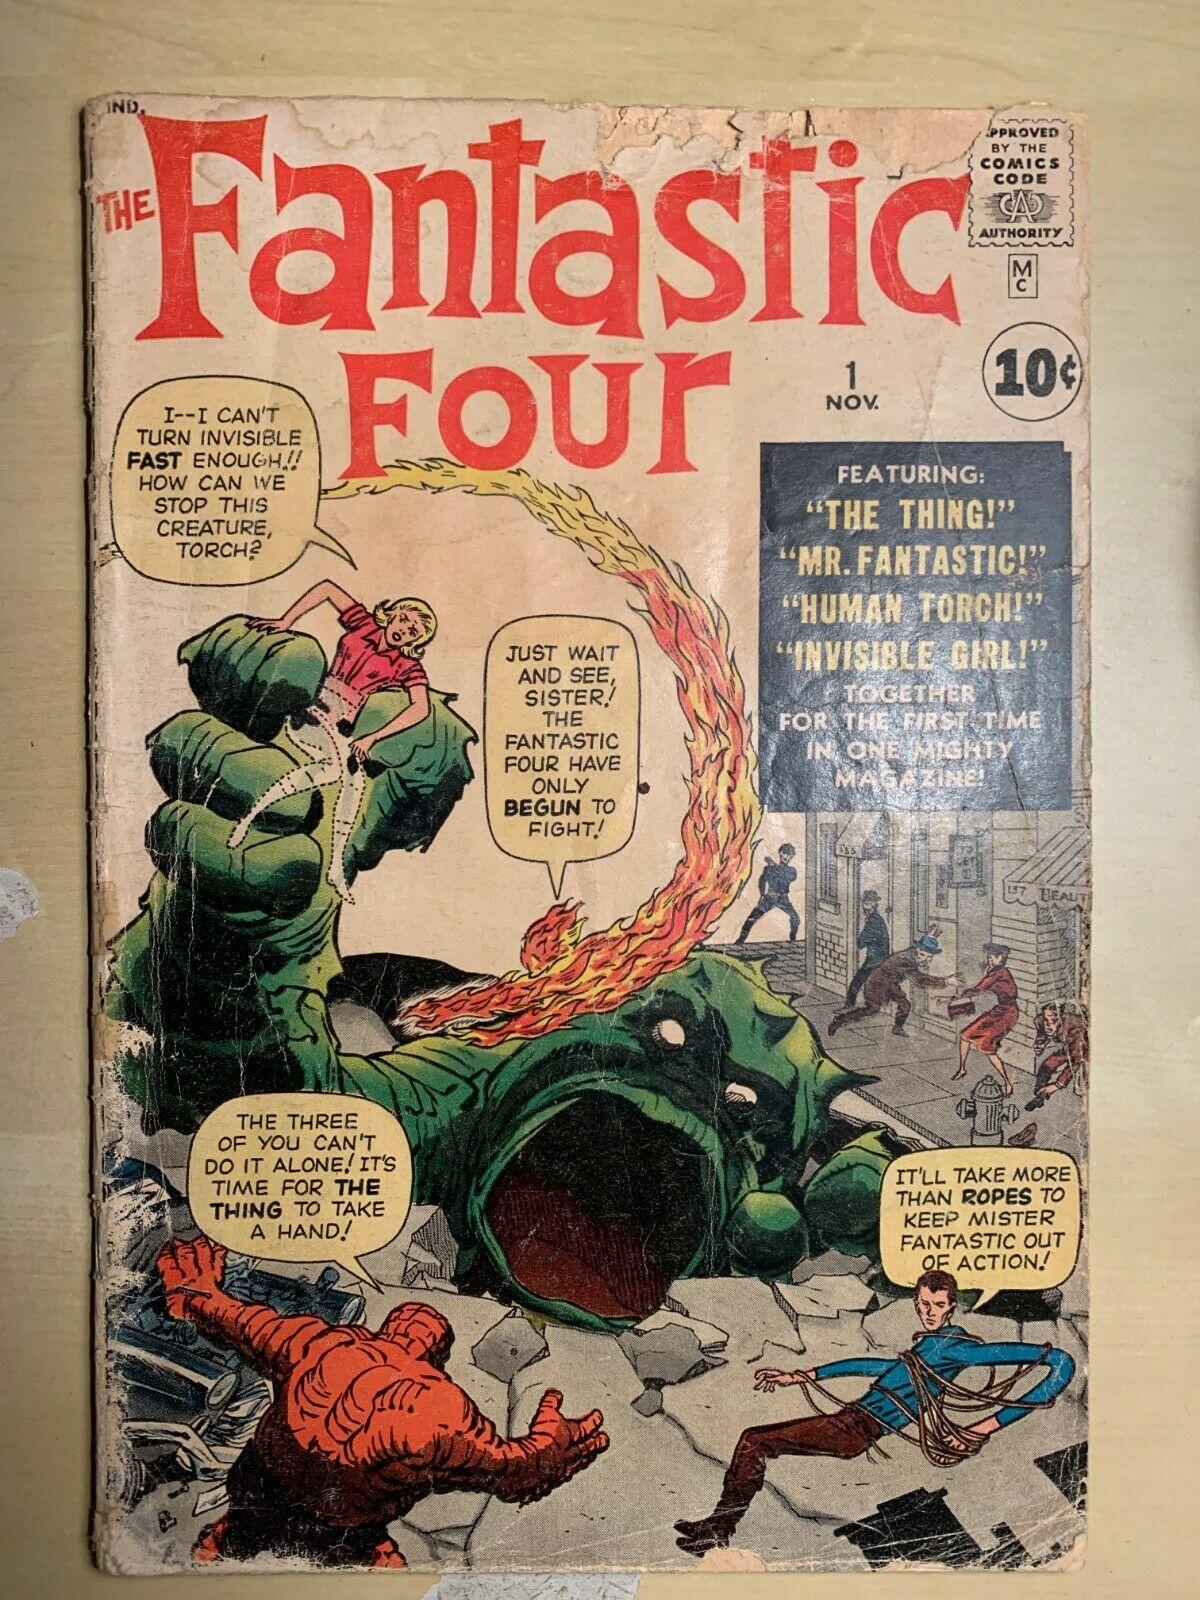 Fantastic Four #1 Stan Lee 1st app. Fantastic Four